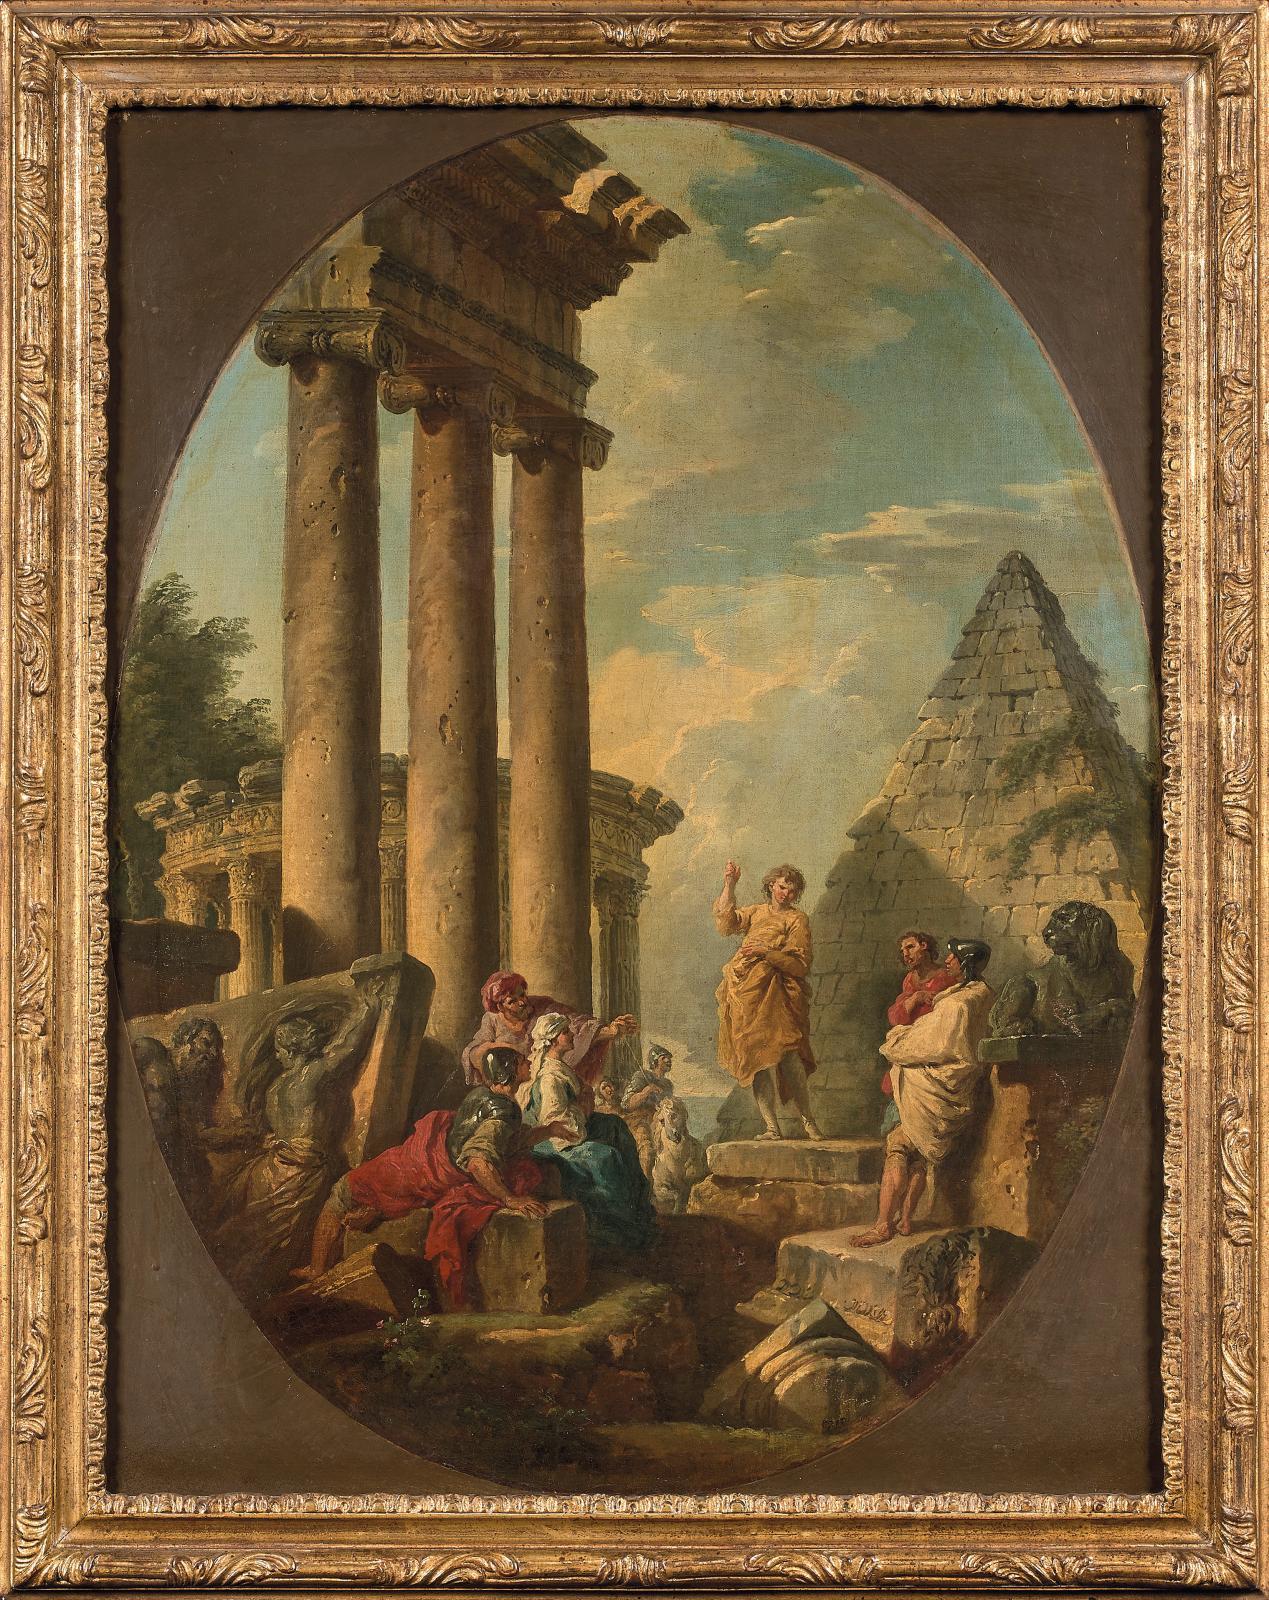 Giovanni Paolo Panini (1691-1765), Apôtre en robe jaune devant une pyramide (détail), toile ovale mise au rectangle, 64,5x49cm. Estimation: 80000